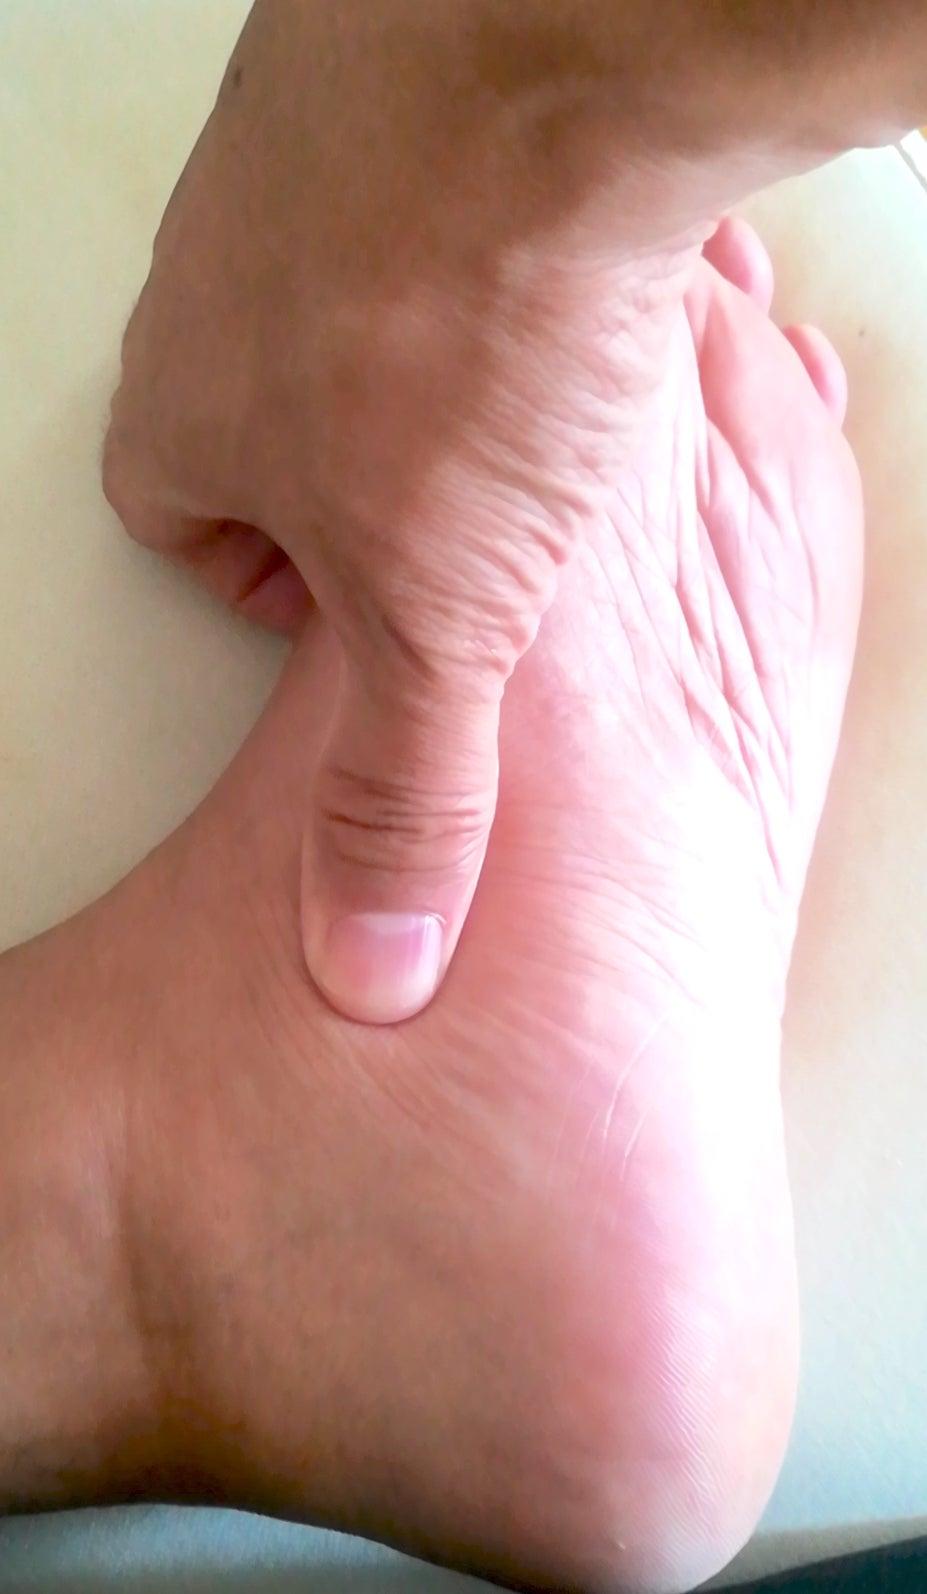 腰痛改善 スイートマージョラムと、テルピネン-4-オール、サビネンの覚え方の記事より